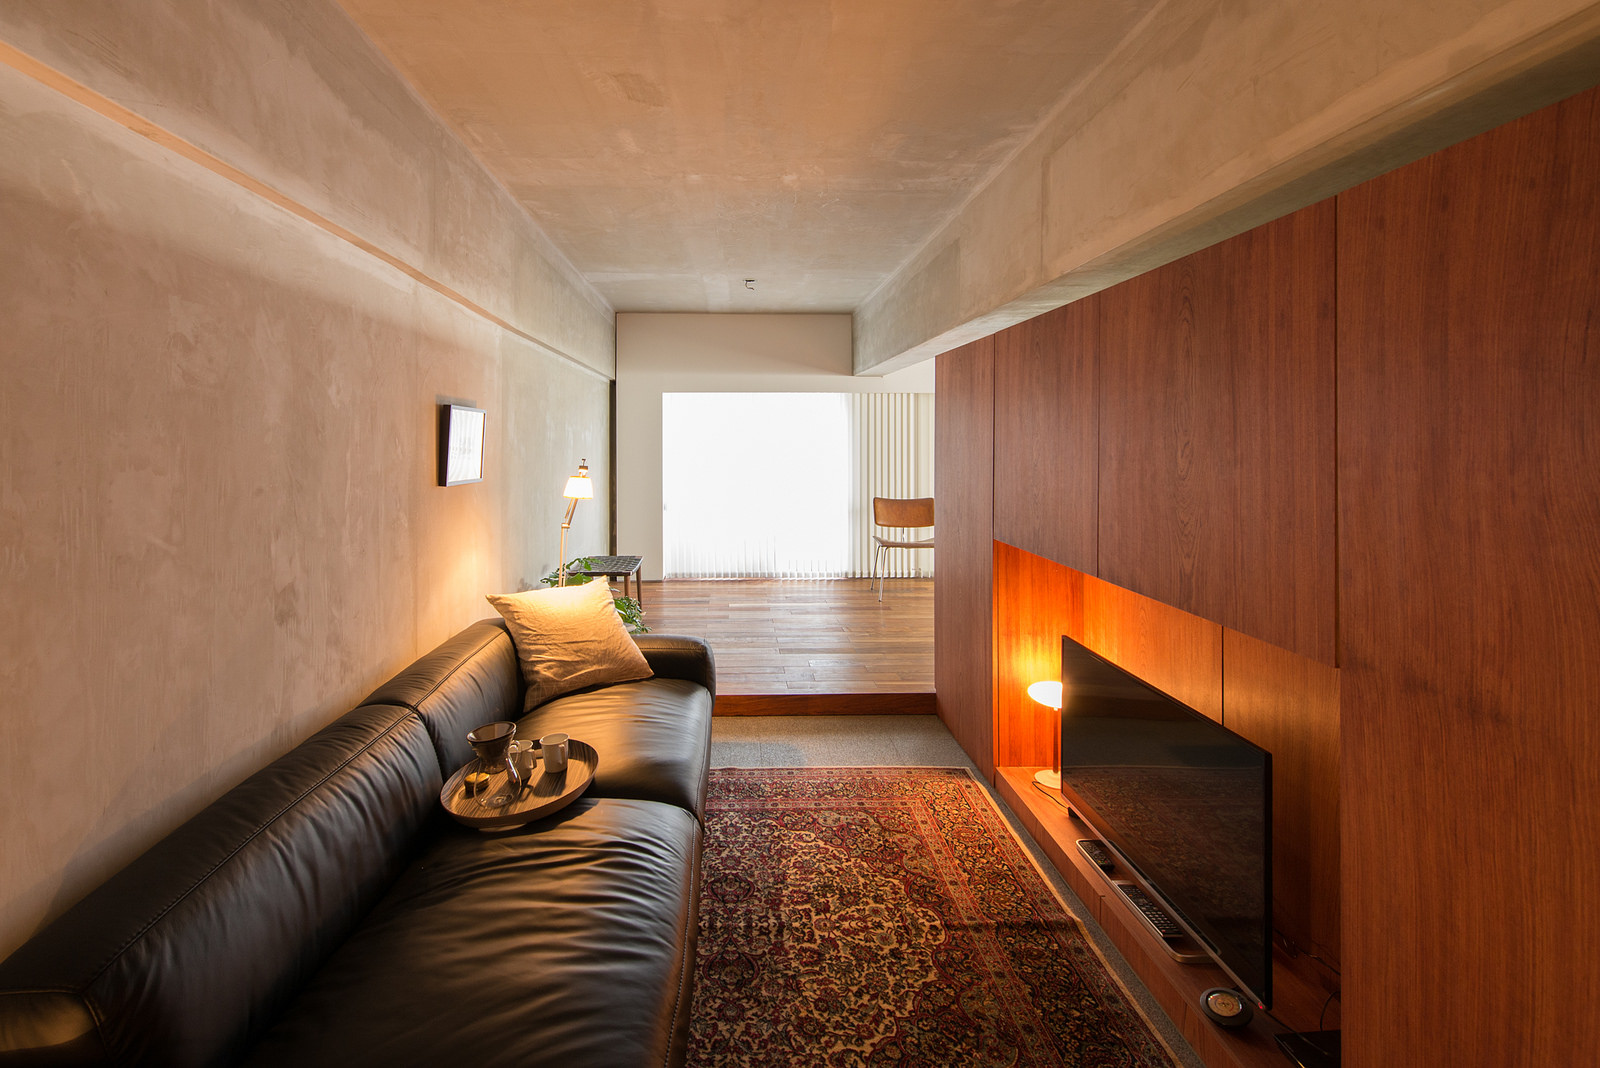 賃貸なのに購入できる賃貸住宅が誕生!デザイナー兼建築家が作ったユニークハウス